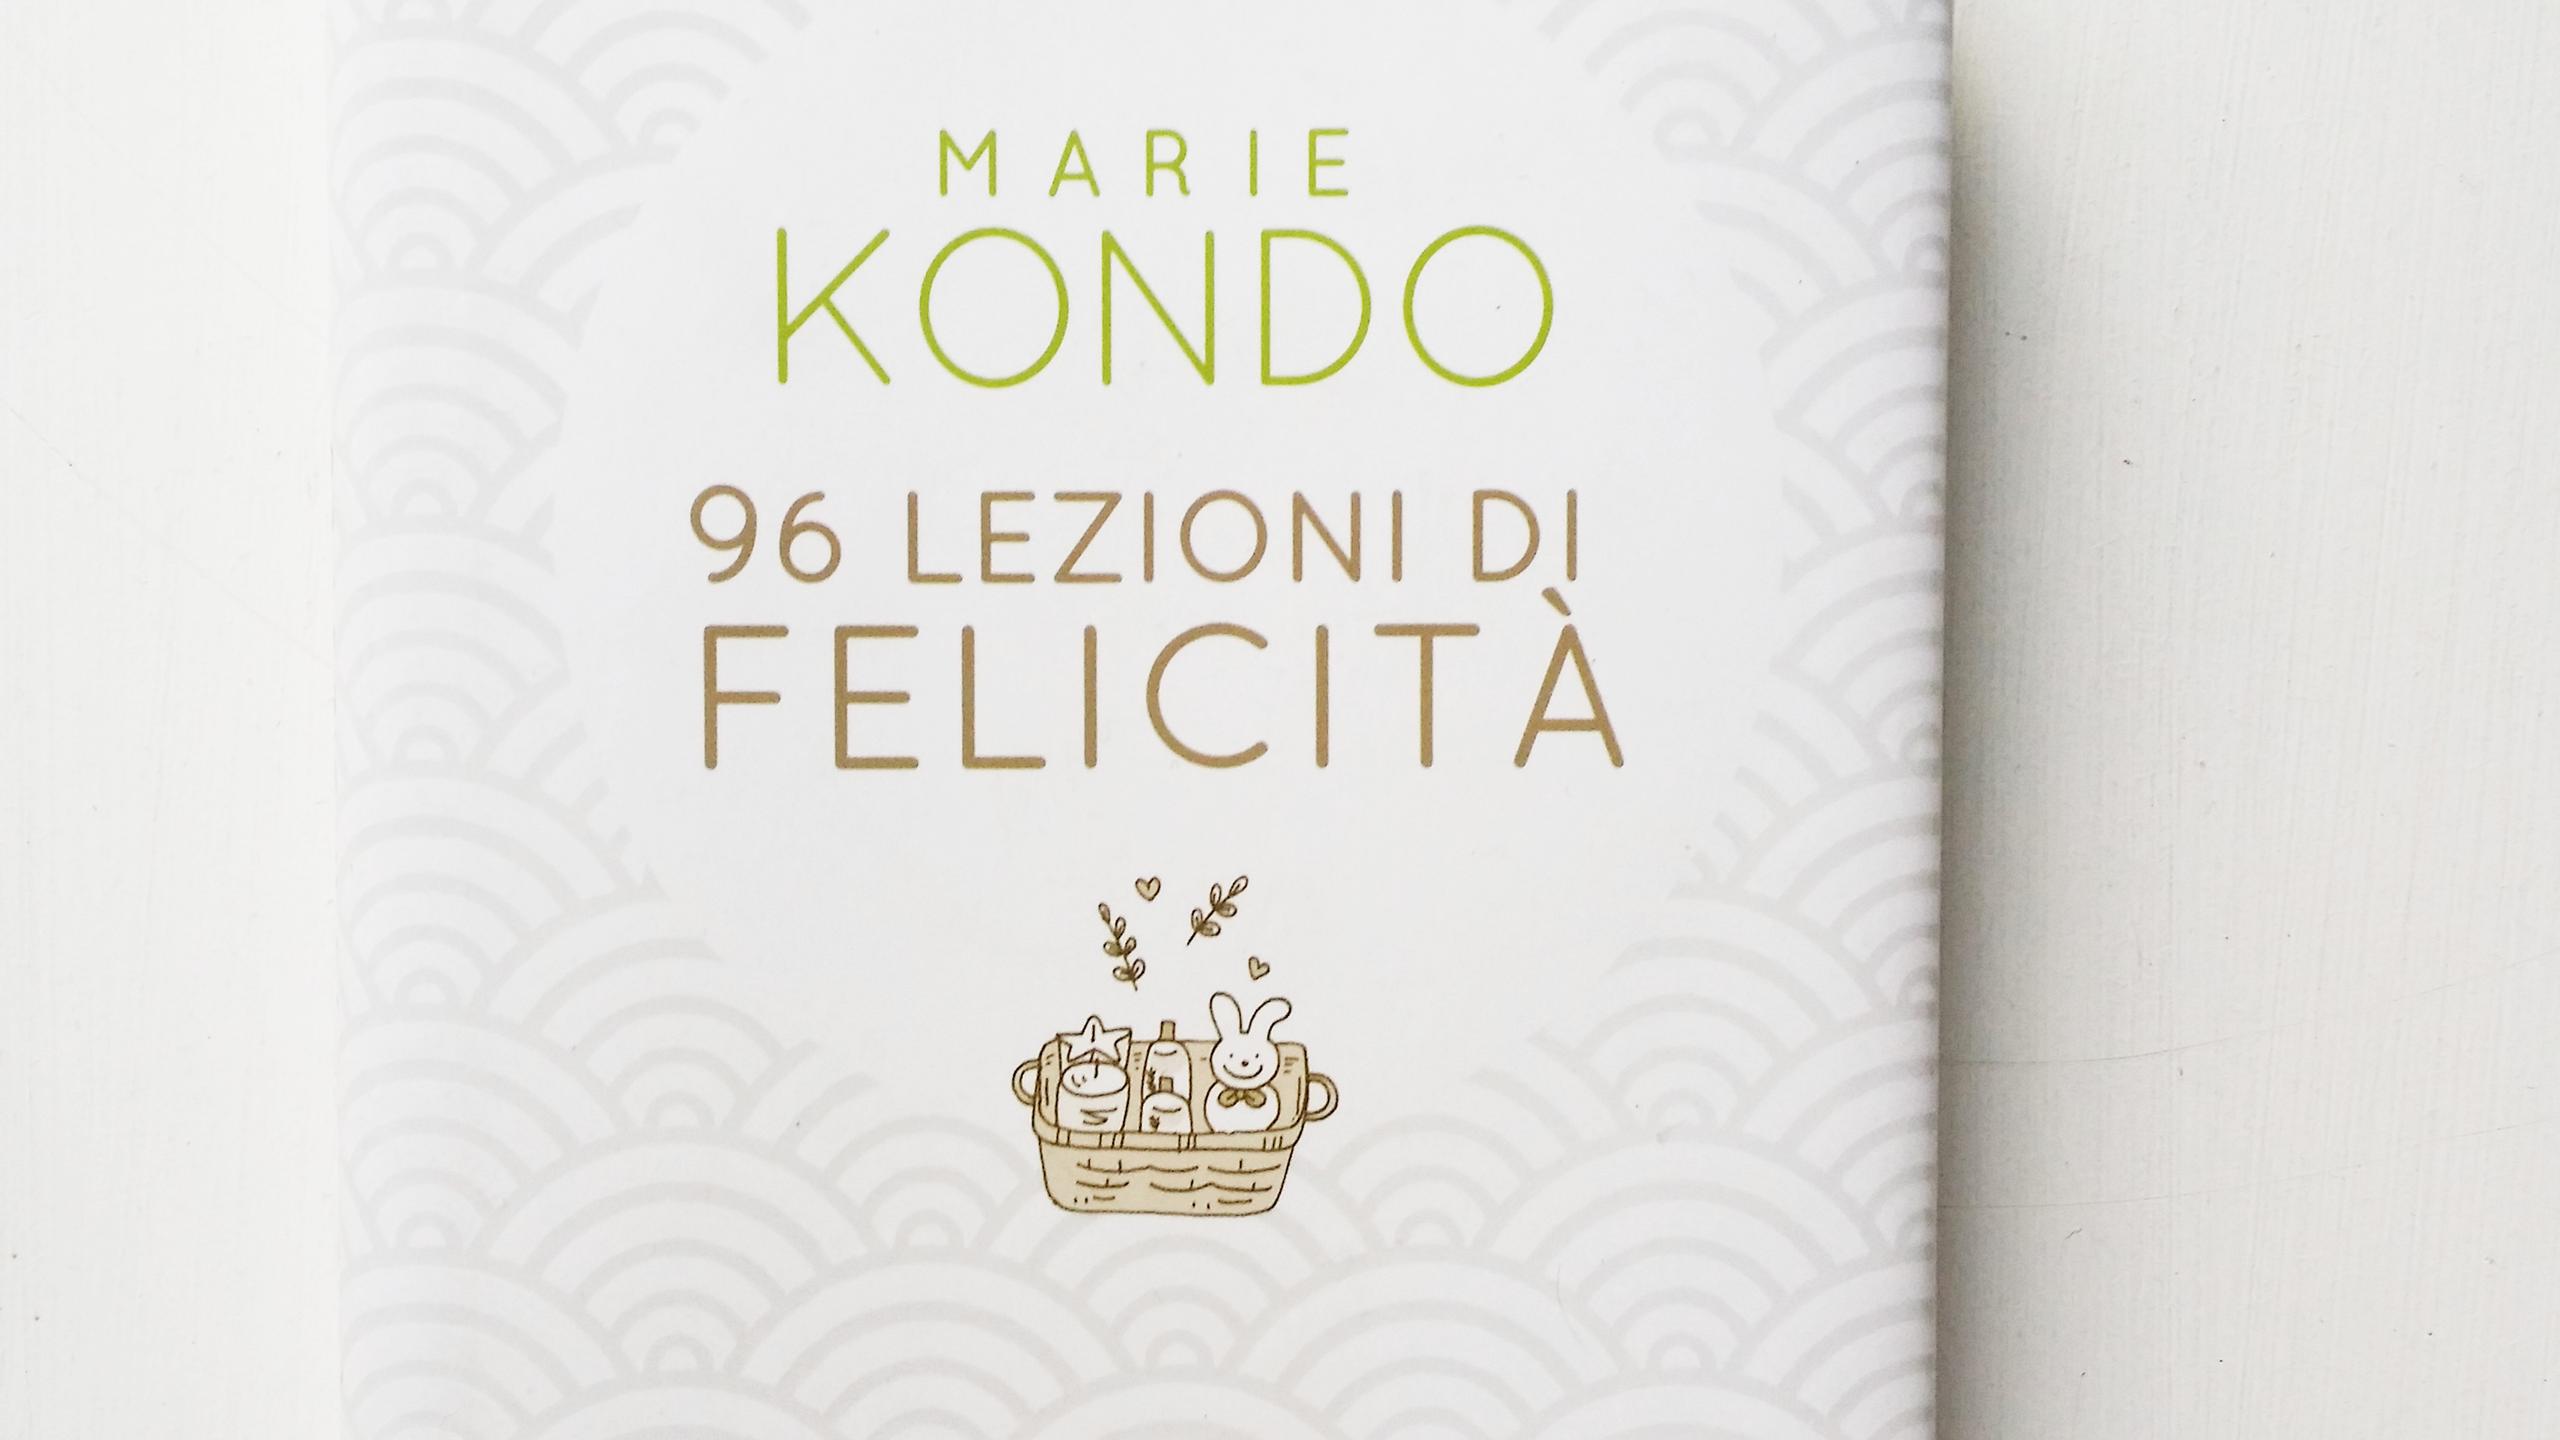 96 Lezioni di felicità, by Marie Kon